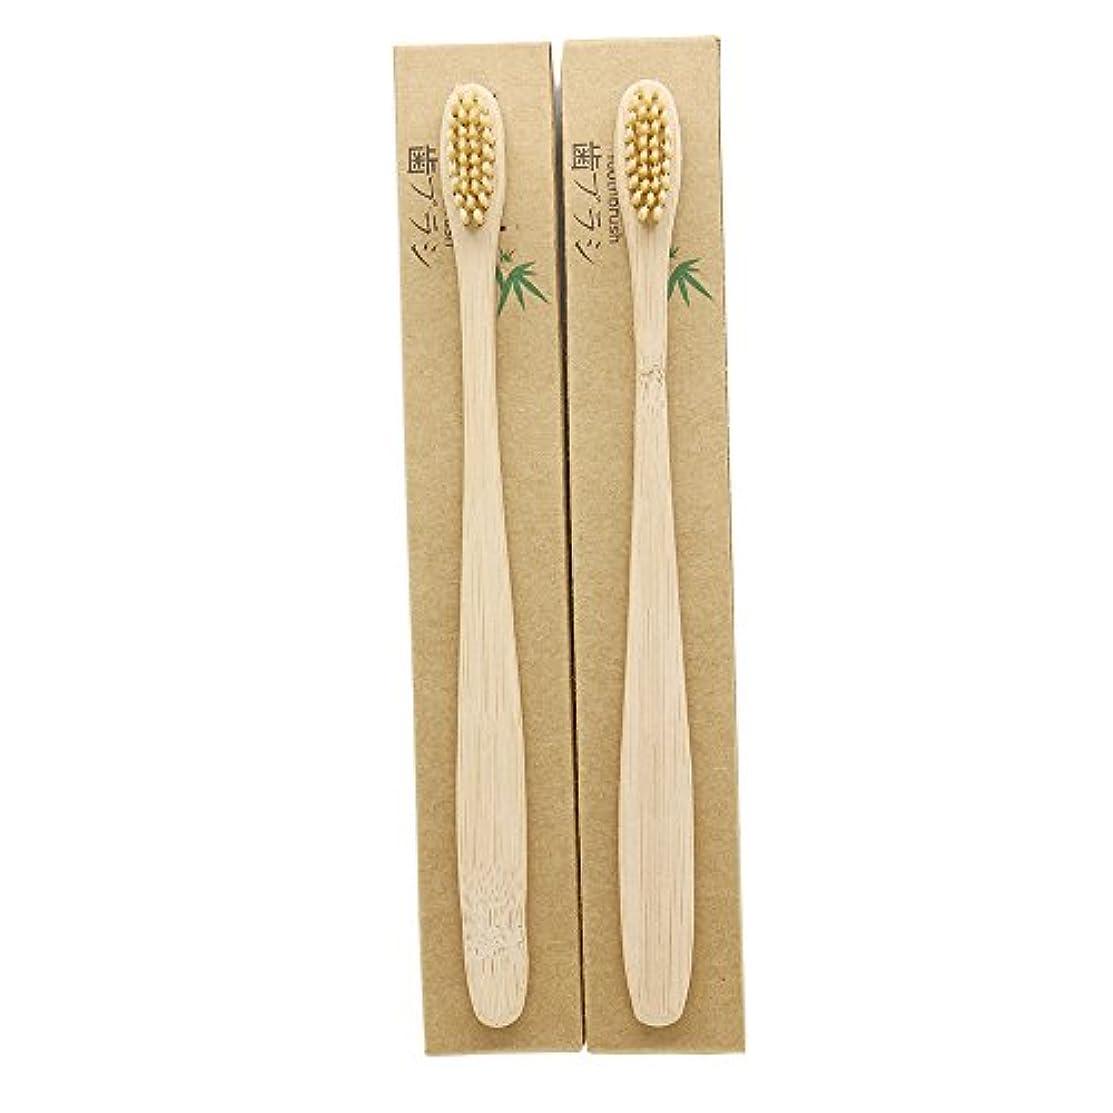 トチの実の木切るインペリアルN-amboo 竹製耐久度高い 歯ブラシ 2本入り セット エコ ヘッド小さい クリ—ム色